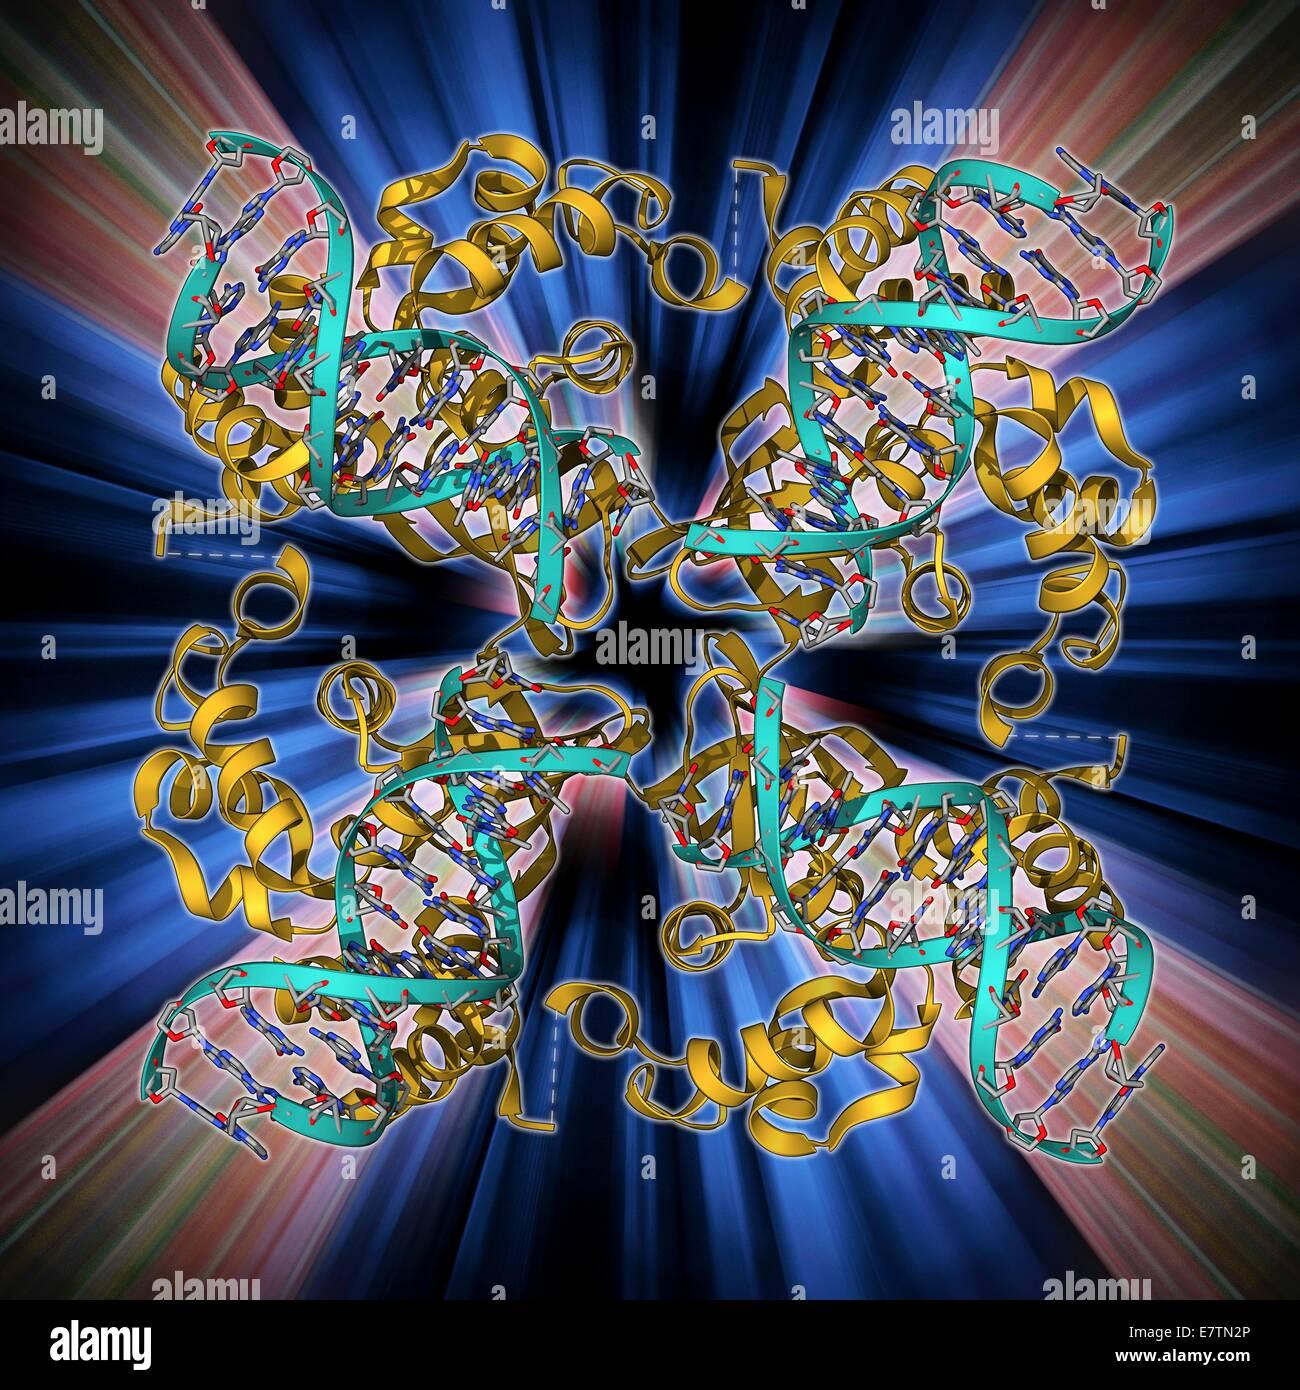 E. coli Holliday junction complexes. Le modèle moléculaire d'une protéine RuvA (rouge) en complexe avec un Holliday junction entre brins d'homologue de l'ADN (acide désoxyribonucléique, bleu) à partir d'un E. coli (Escherichia coli) Bactérie. Un Holliday junction formulaires au cours de crossing over, un processus génétique naturelle qui se produit entre les chromosomes homologues et conduit à la commutation de matériel génétique entre les chromosomes. Ceci augmente la recombinaison la variation génétique dans une population. RuvA fait partie de l'RuvABC complexe de trois protéines qui médient la migration de la direction générale et résoudre le Holliday junction Banque D'Images